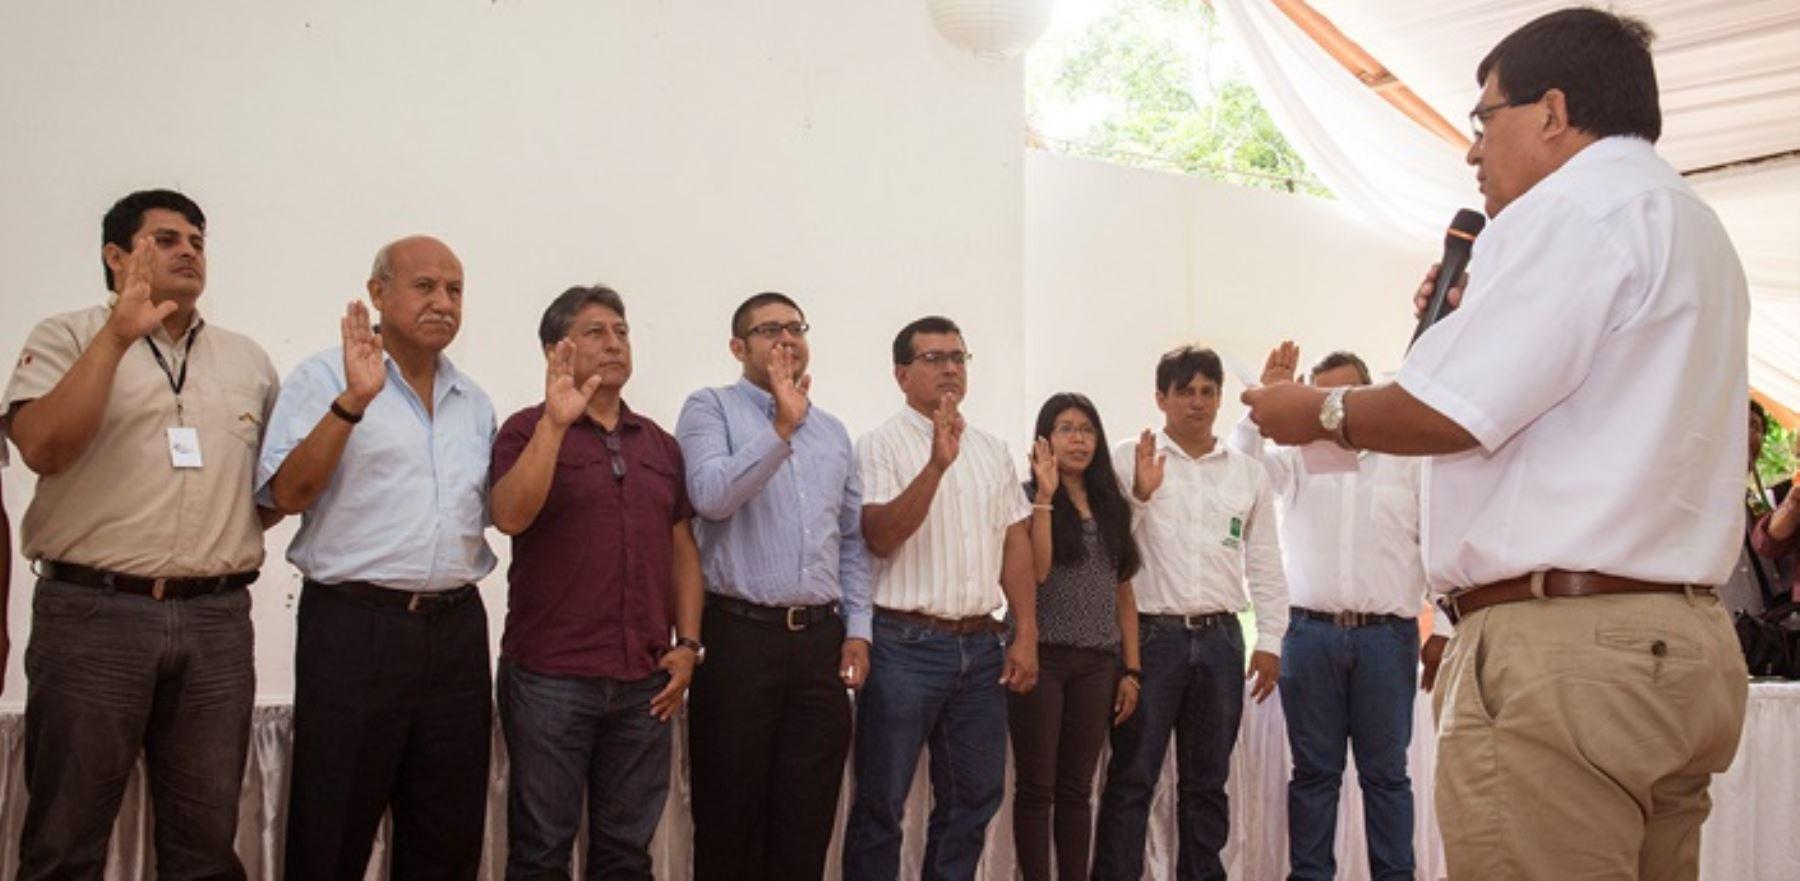 Con la asistencia técnica del Ministerio de Agricultura y Riego, a través del Servicio Nacional Forestal y de Fauna Silvestre (Serfor), el gobierno regional de San Martín oficializó el comité técnico para la zonificación forestal de dicha región.